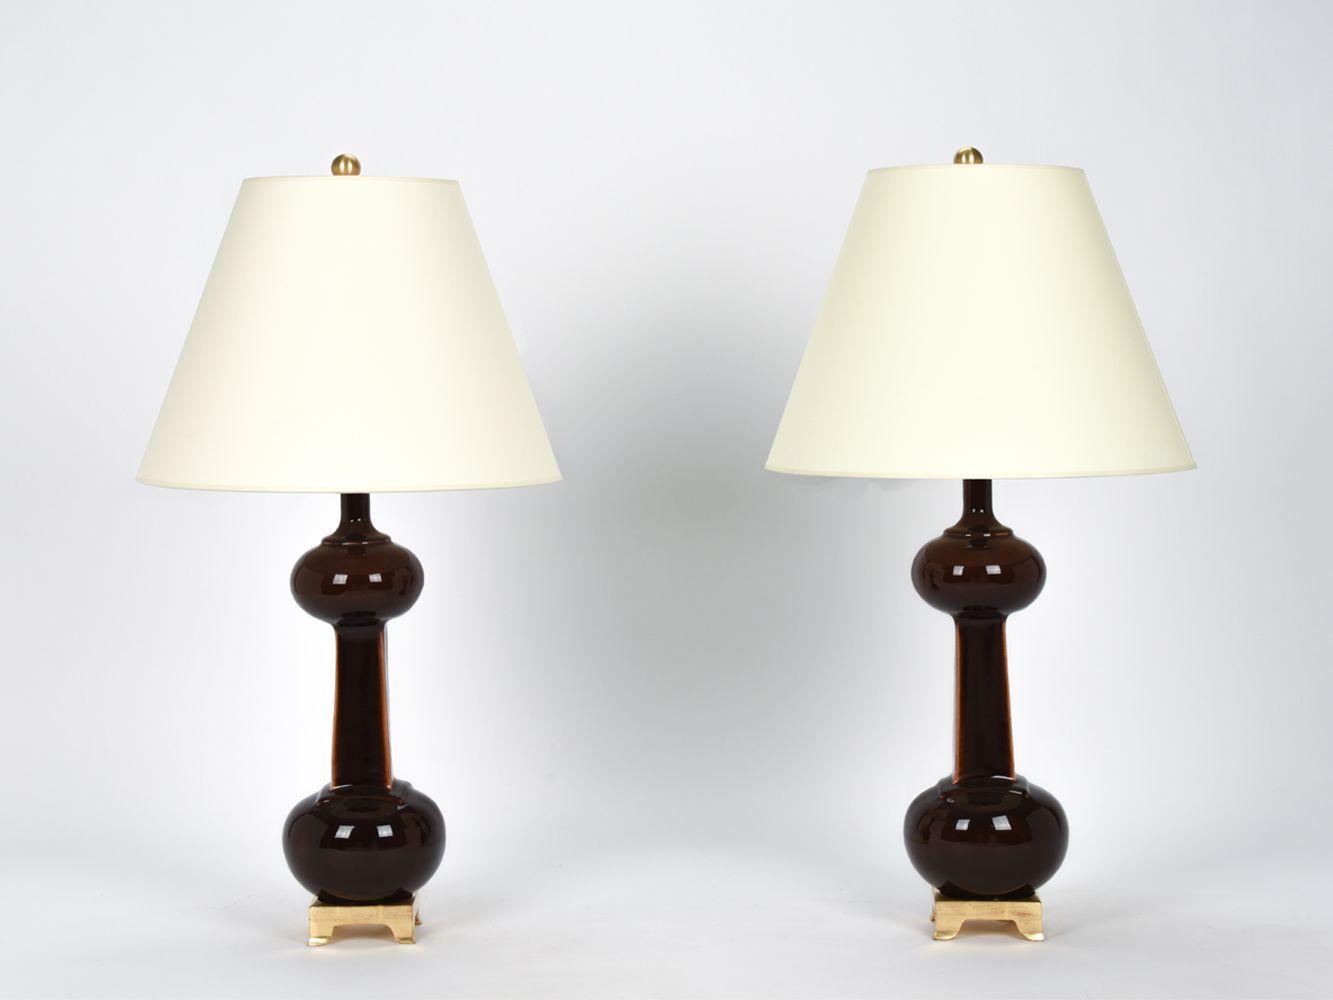 Models Lamp Table Lamp Lighting Lighting Inspiration